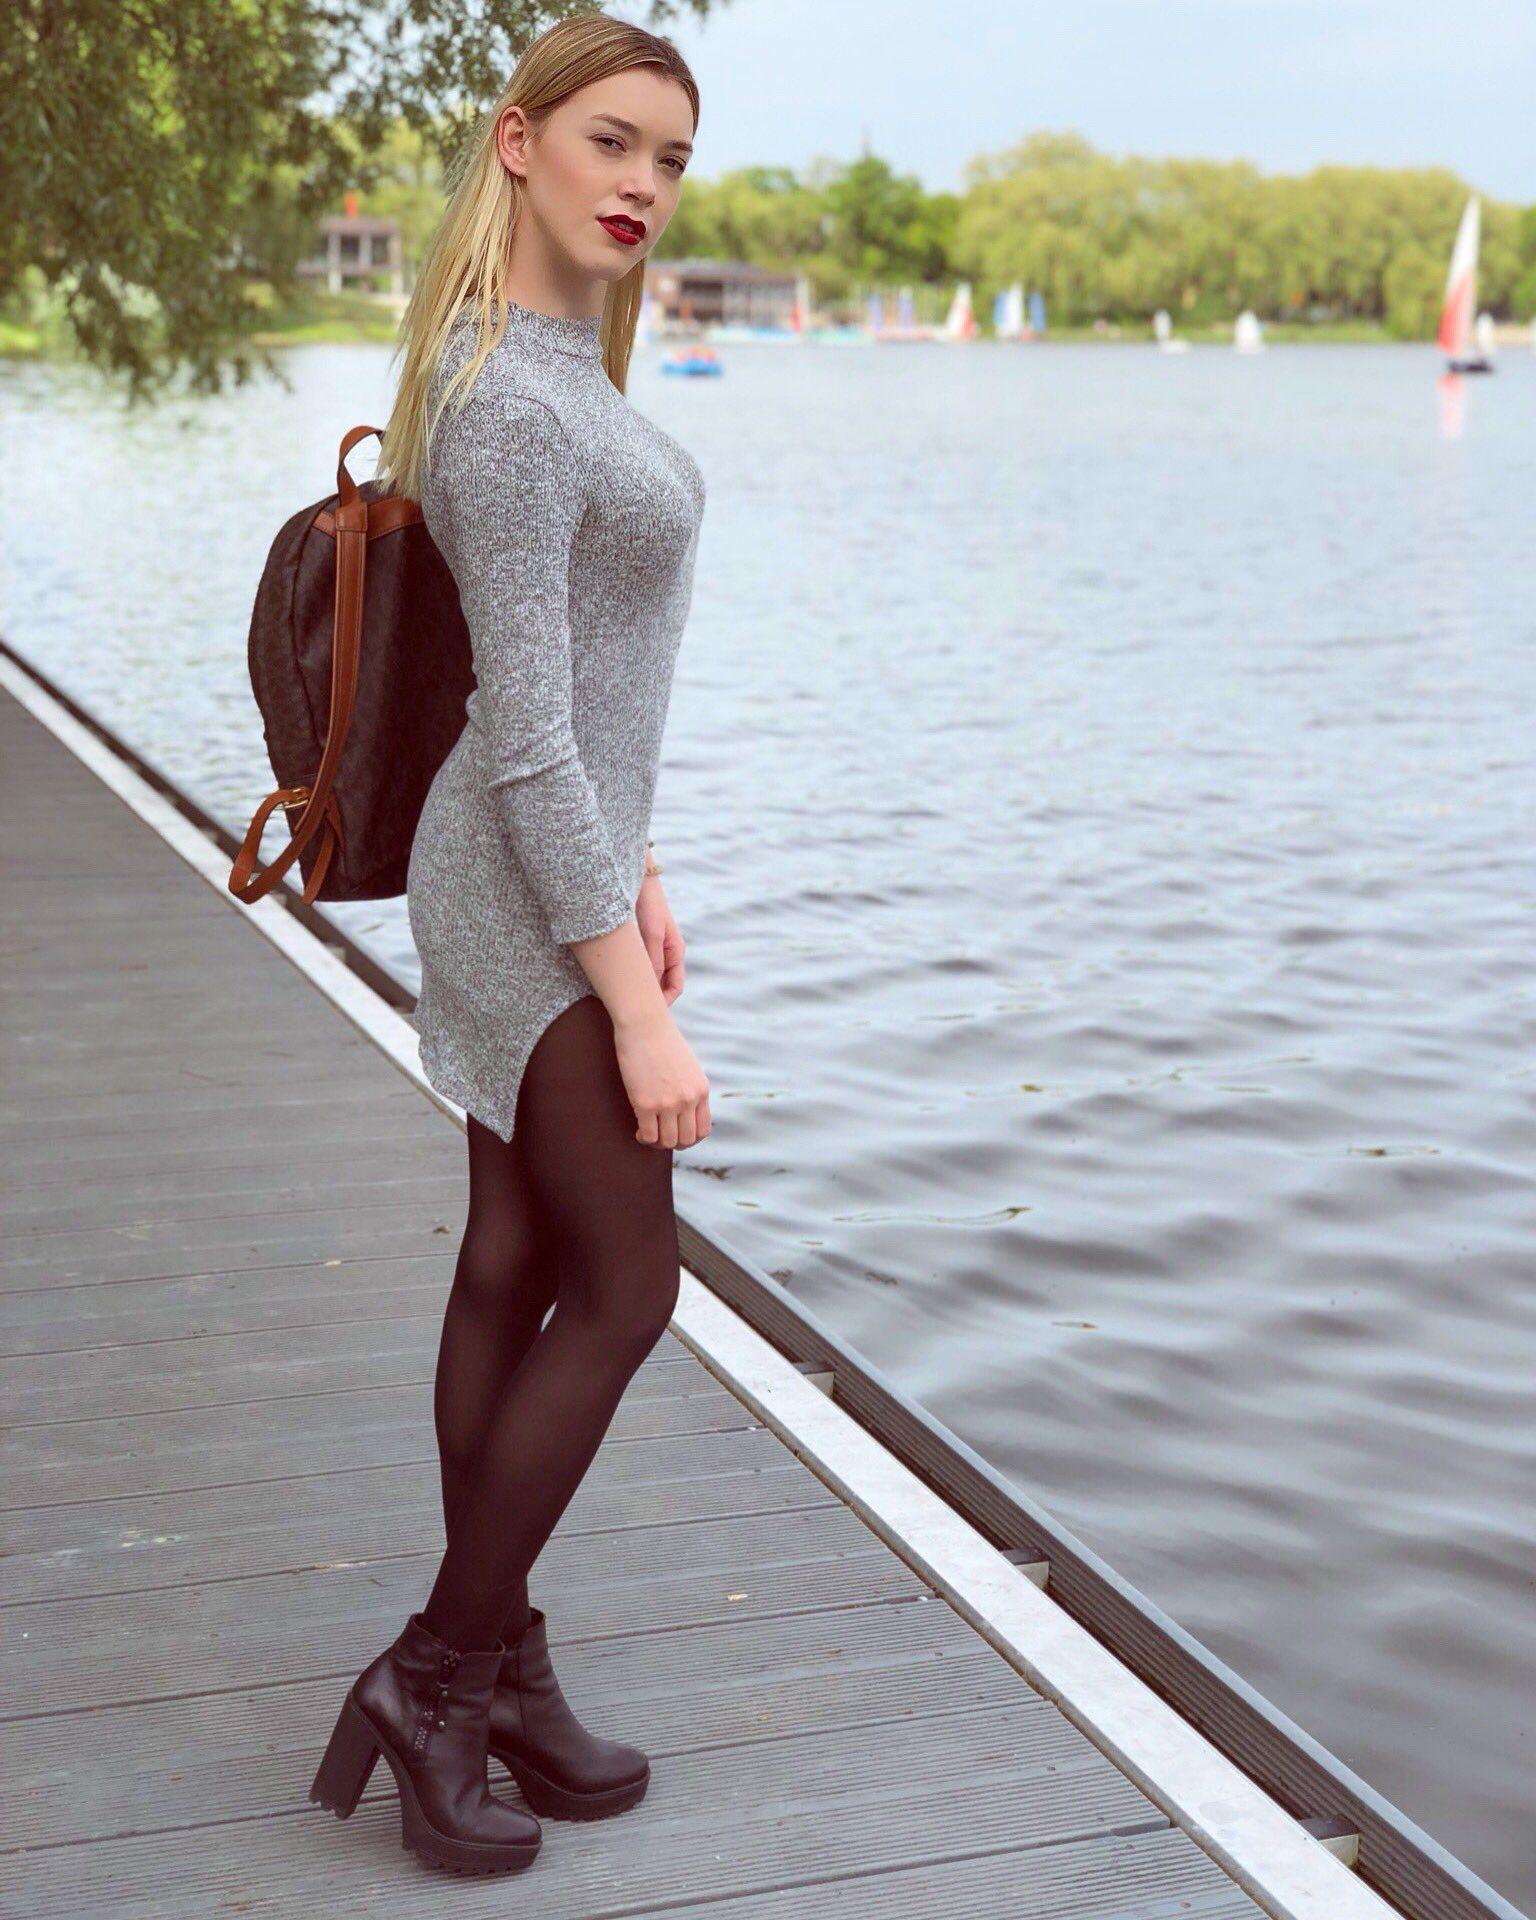 Pin von Winni04 auf Anny Aurora in 2019   Münster